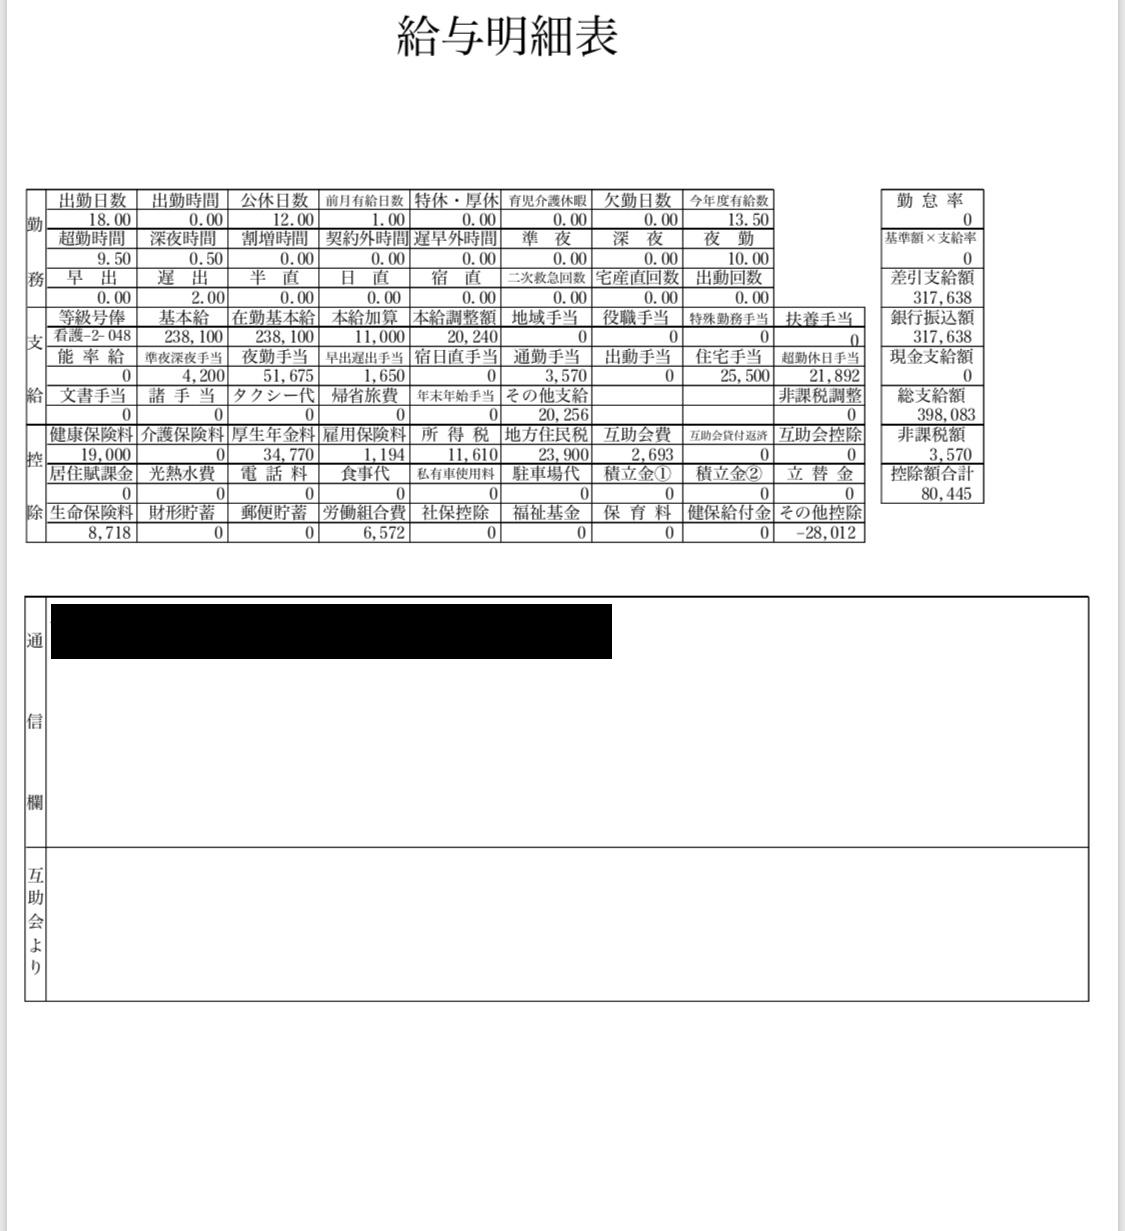 聖隷浜松病院・看護師の給与明細【ガチ画像】・給料・評判・口コミ・ボーナス・年収